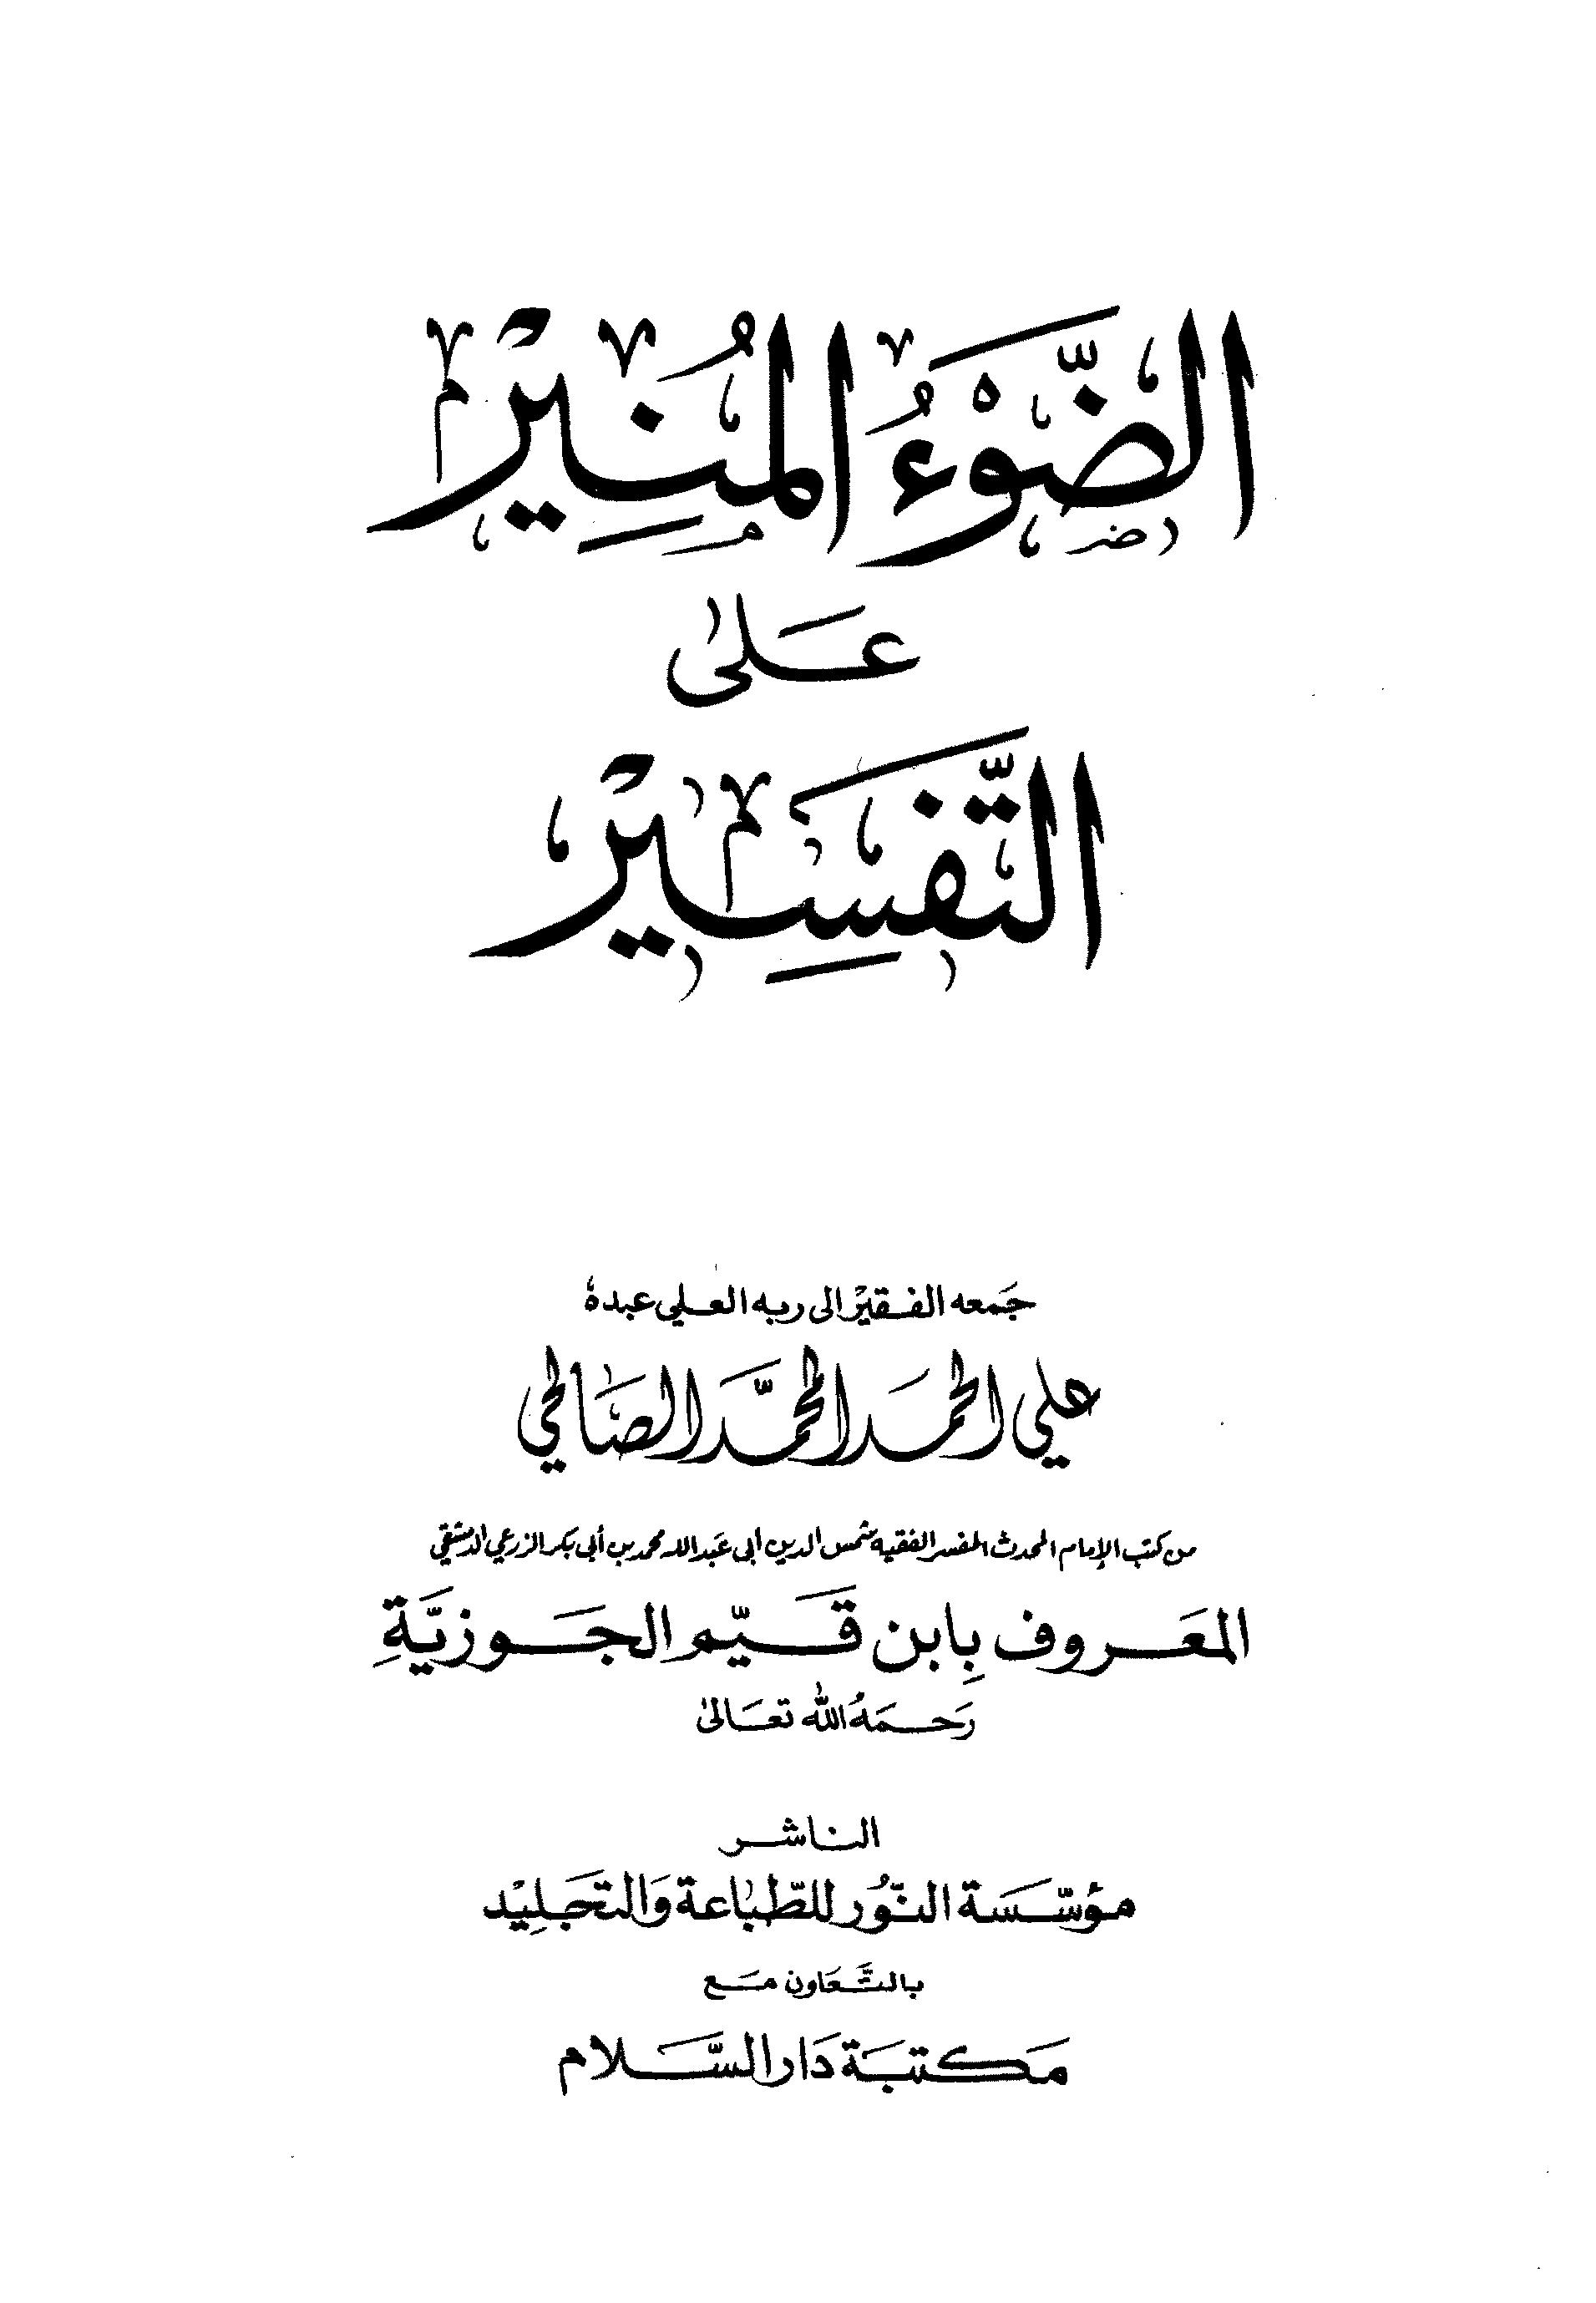 تحميل كتاب الضوء المنير على التفسير (تفسير ابن القيم) لـِ: الشيخ علي الحمد المحمد الصالحي (ت 1415)